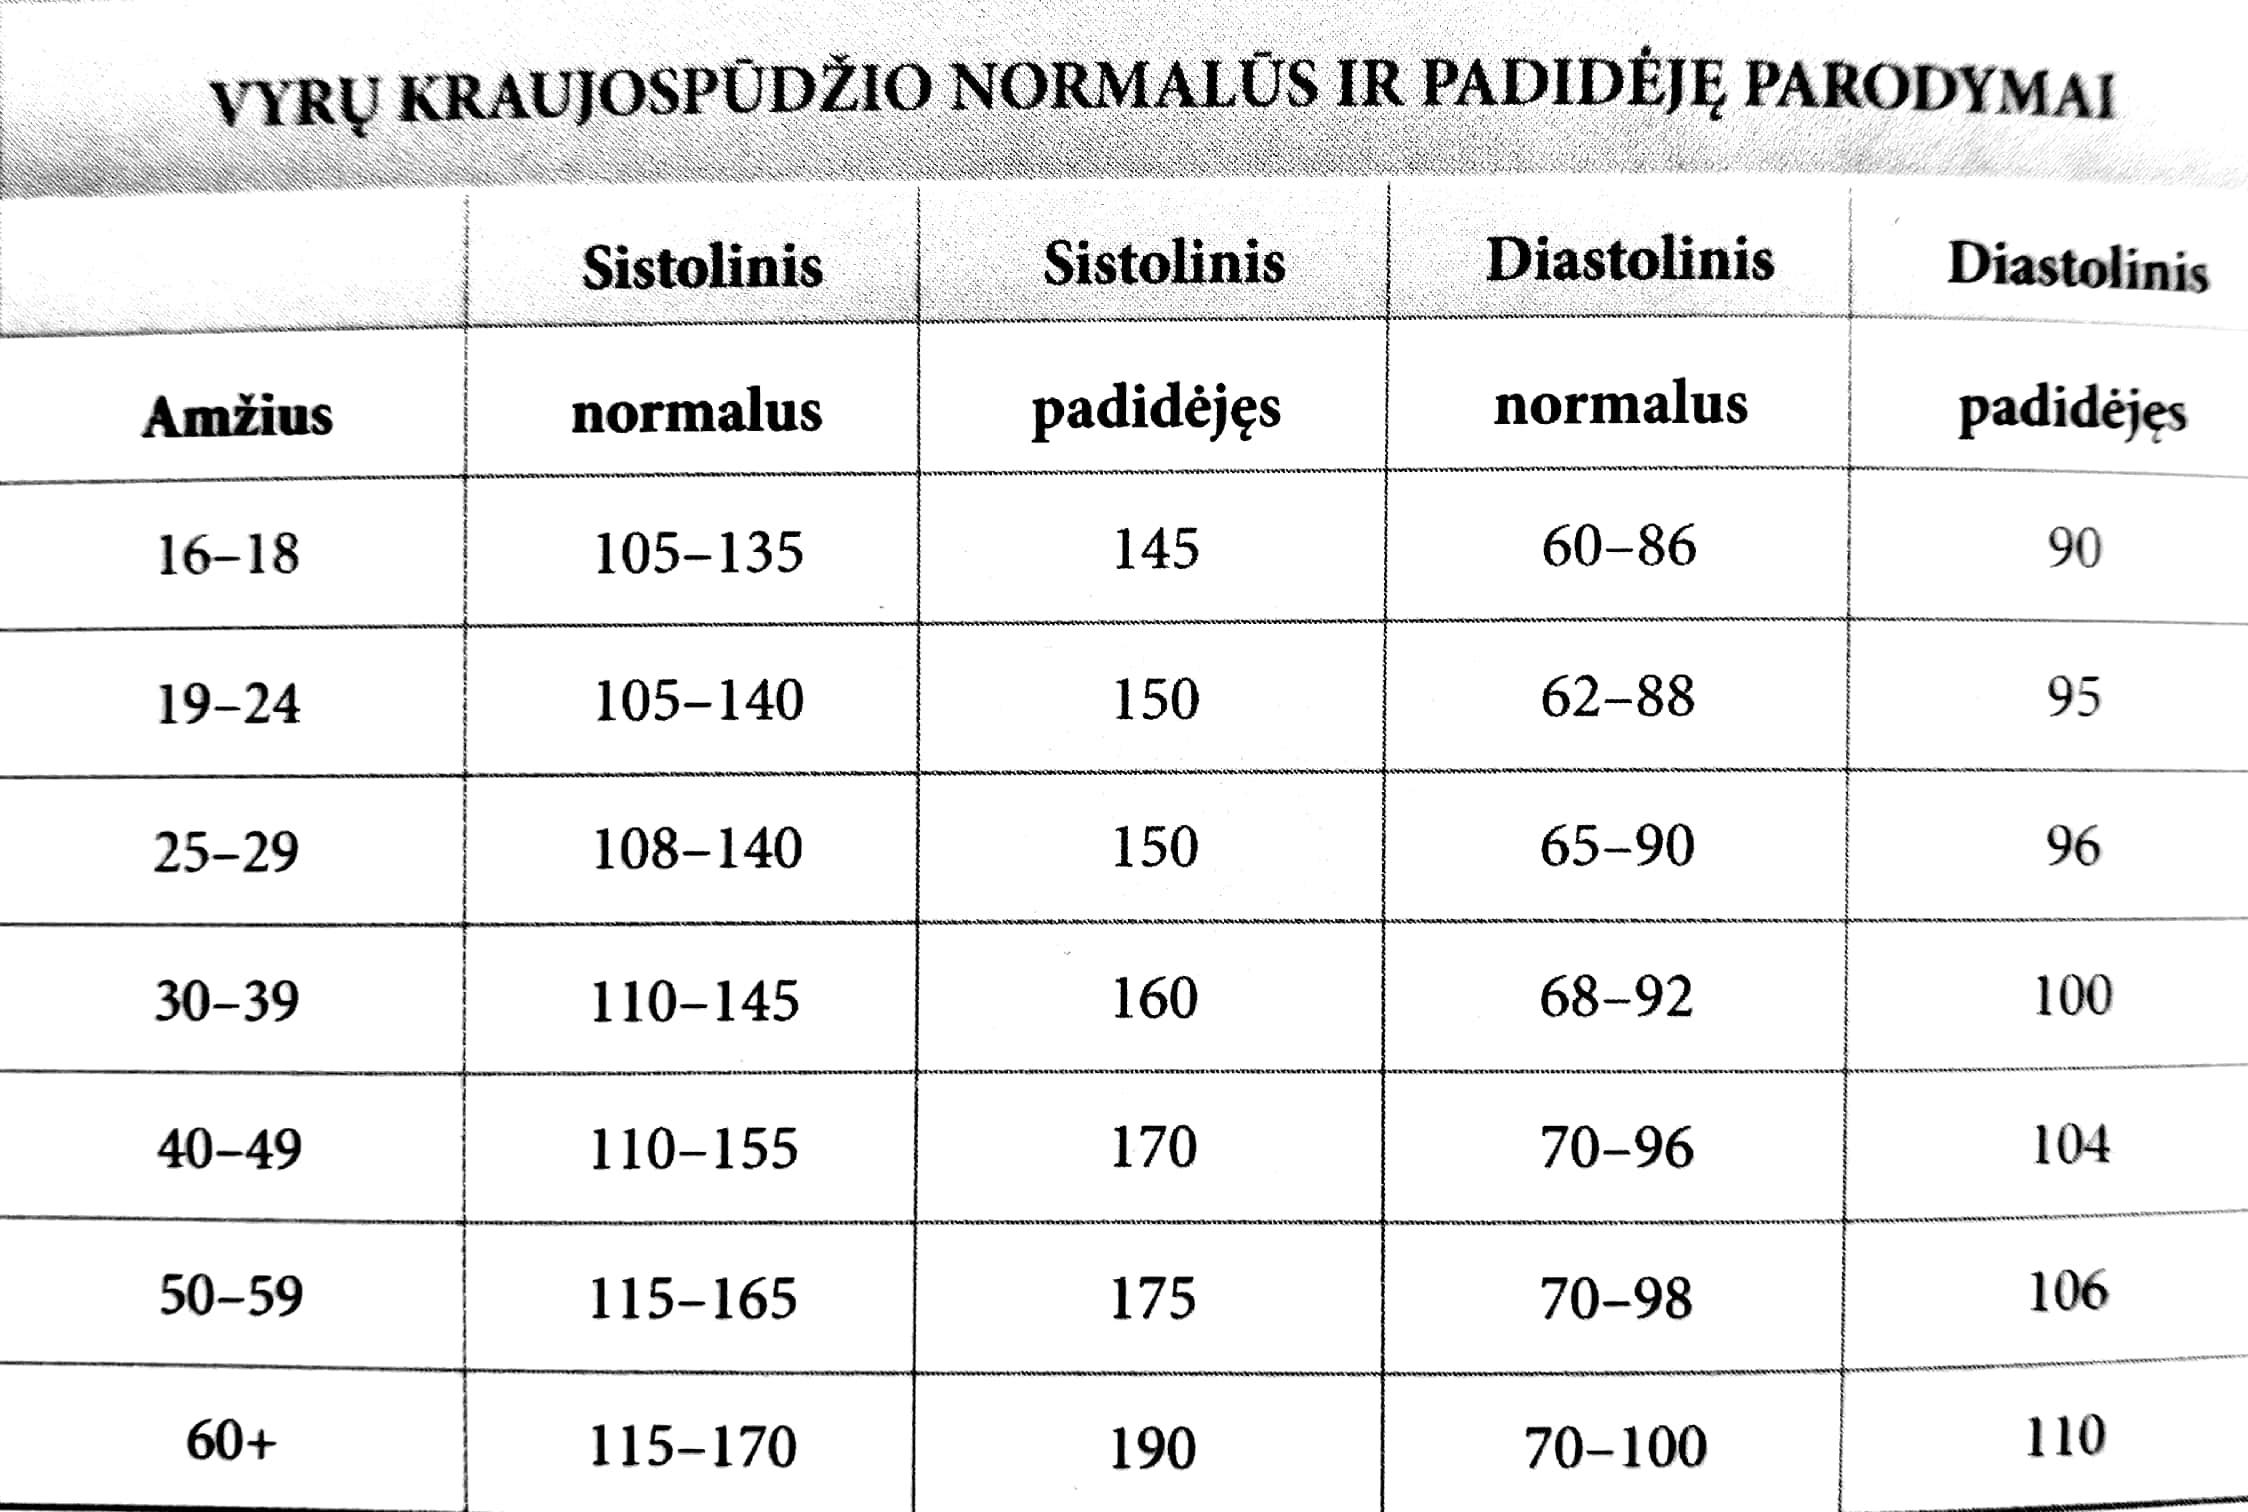 širdies hipertenzija yra normali)